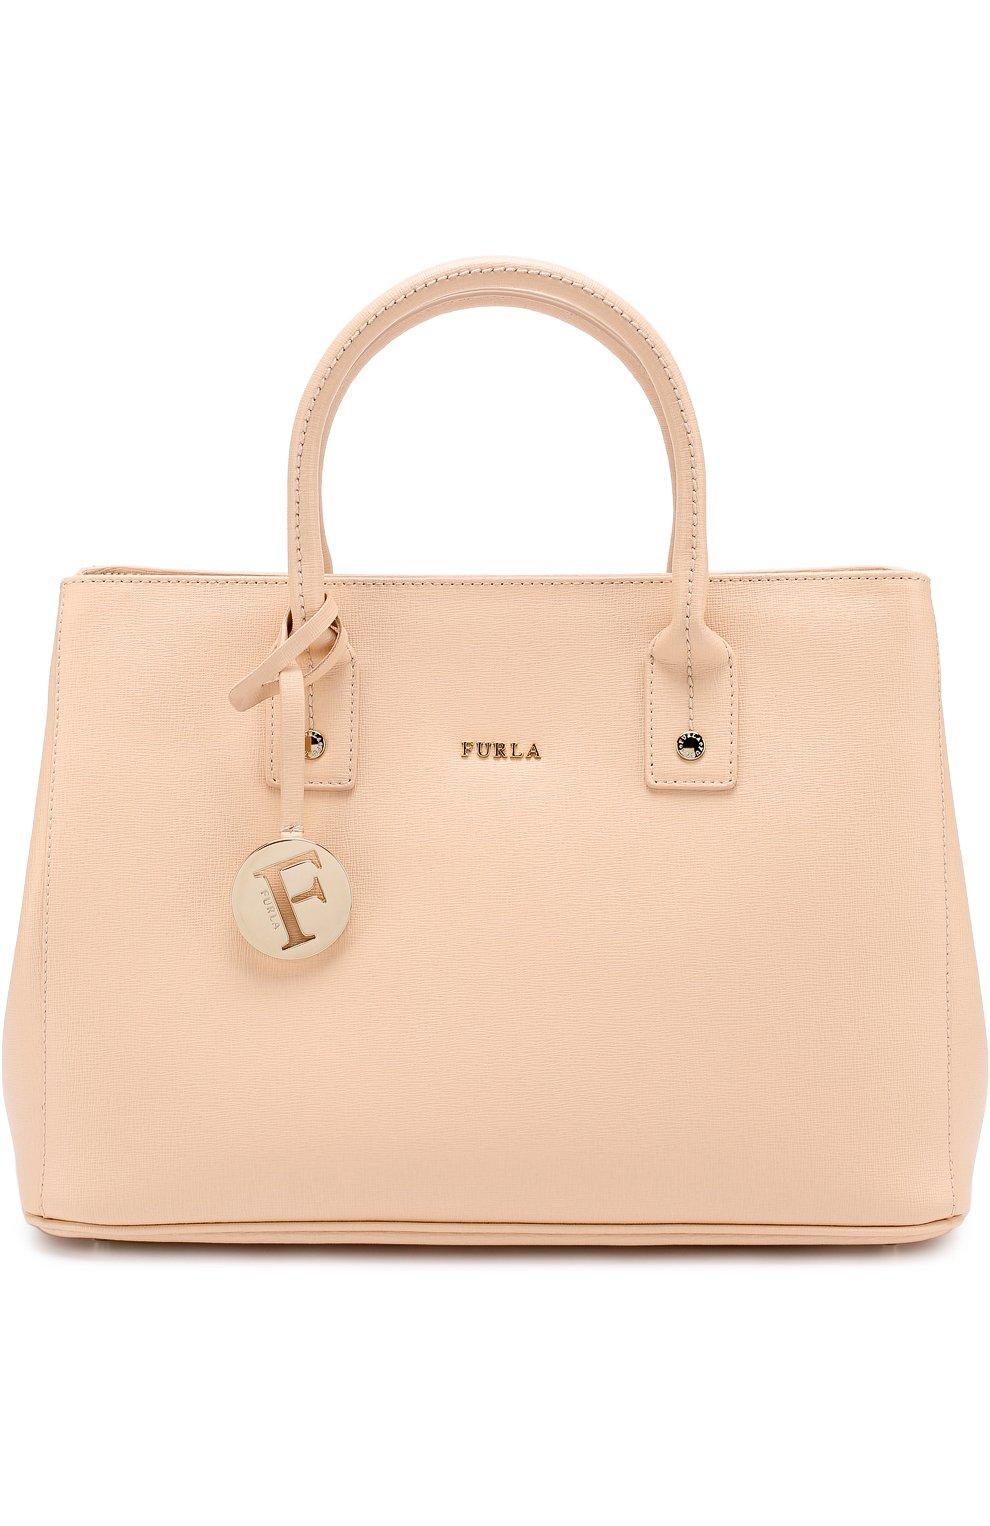 13c0cc2dc872 Женская сумка linda FURLA бежевая цвета — купить за 25000 руб. в ...